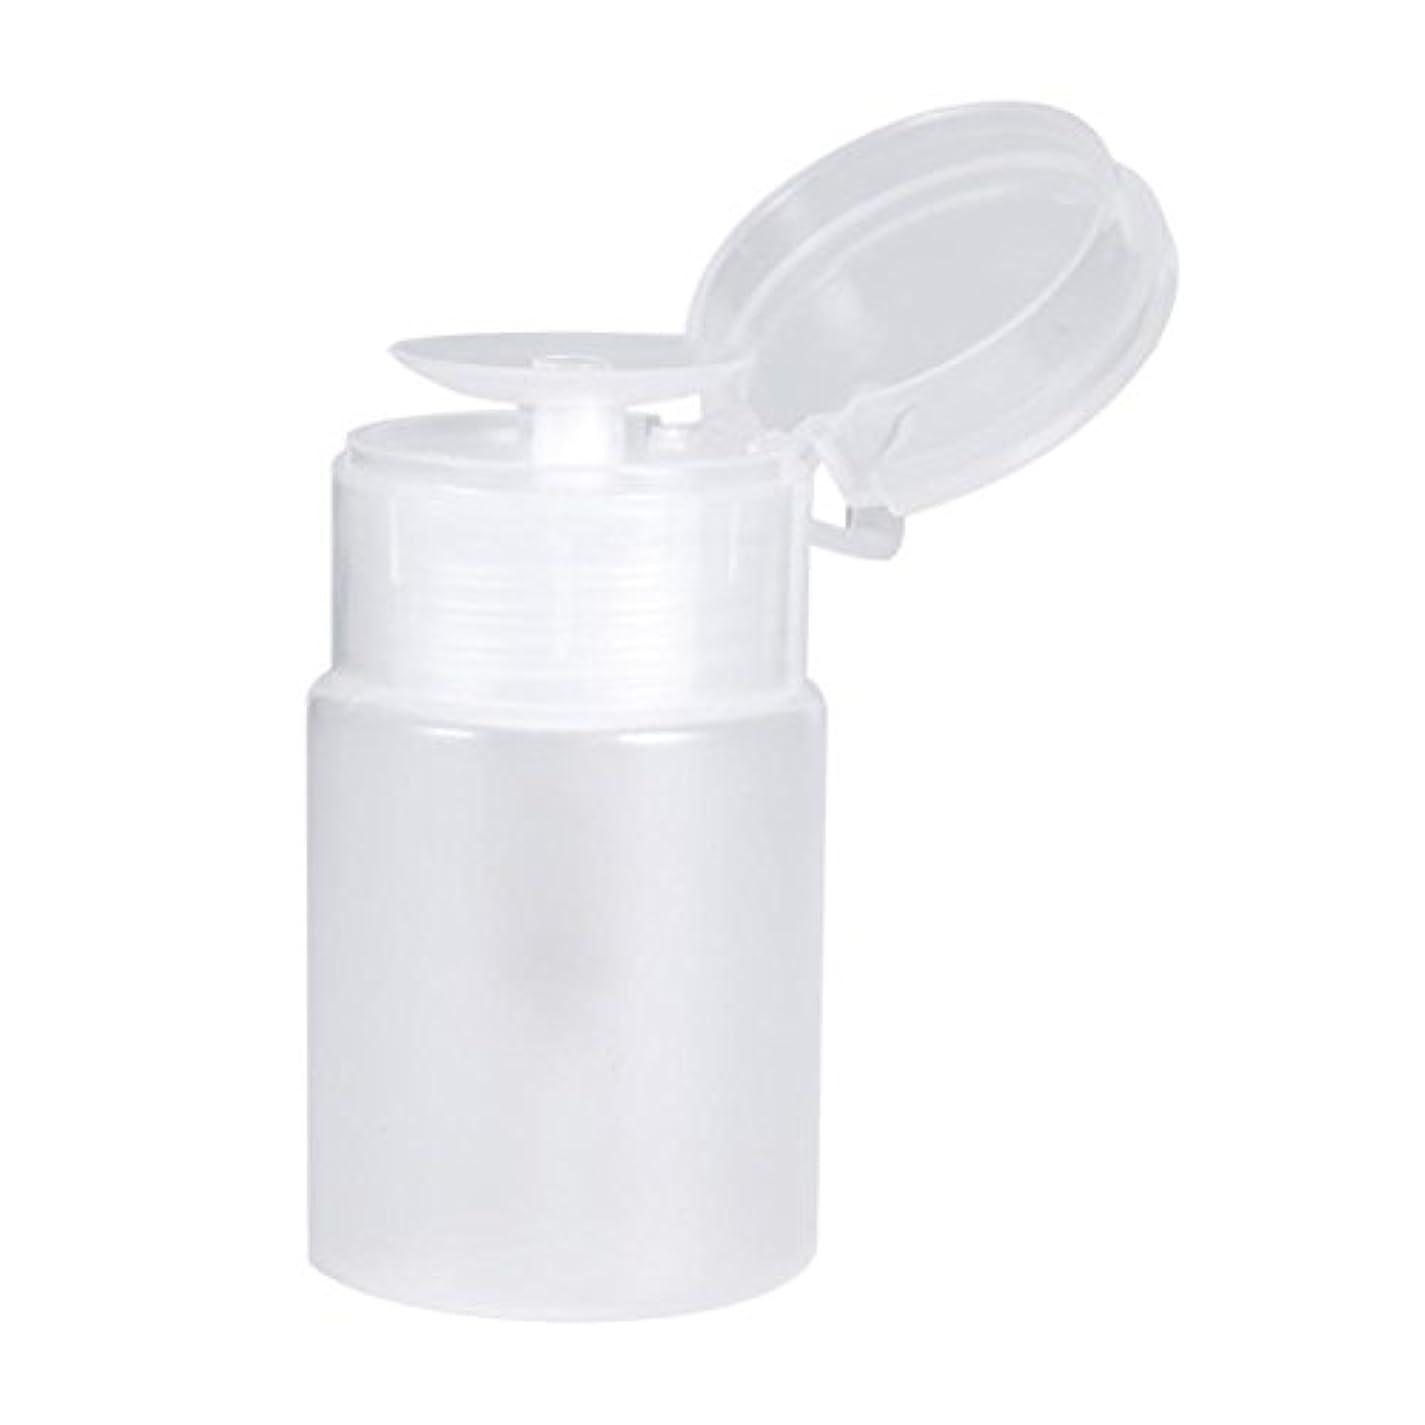 ネイルディスペンサーボトル、プッシュダウンディスペンサーネイルポリッシュリムーバーポンプ空のボトルディスペンサー液体ボトル容器60ミリリットル(白)